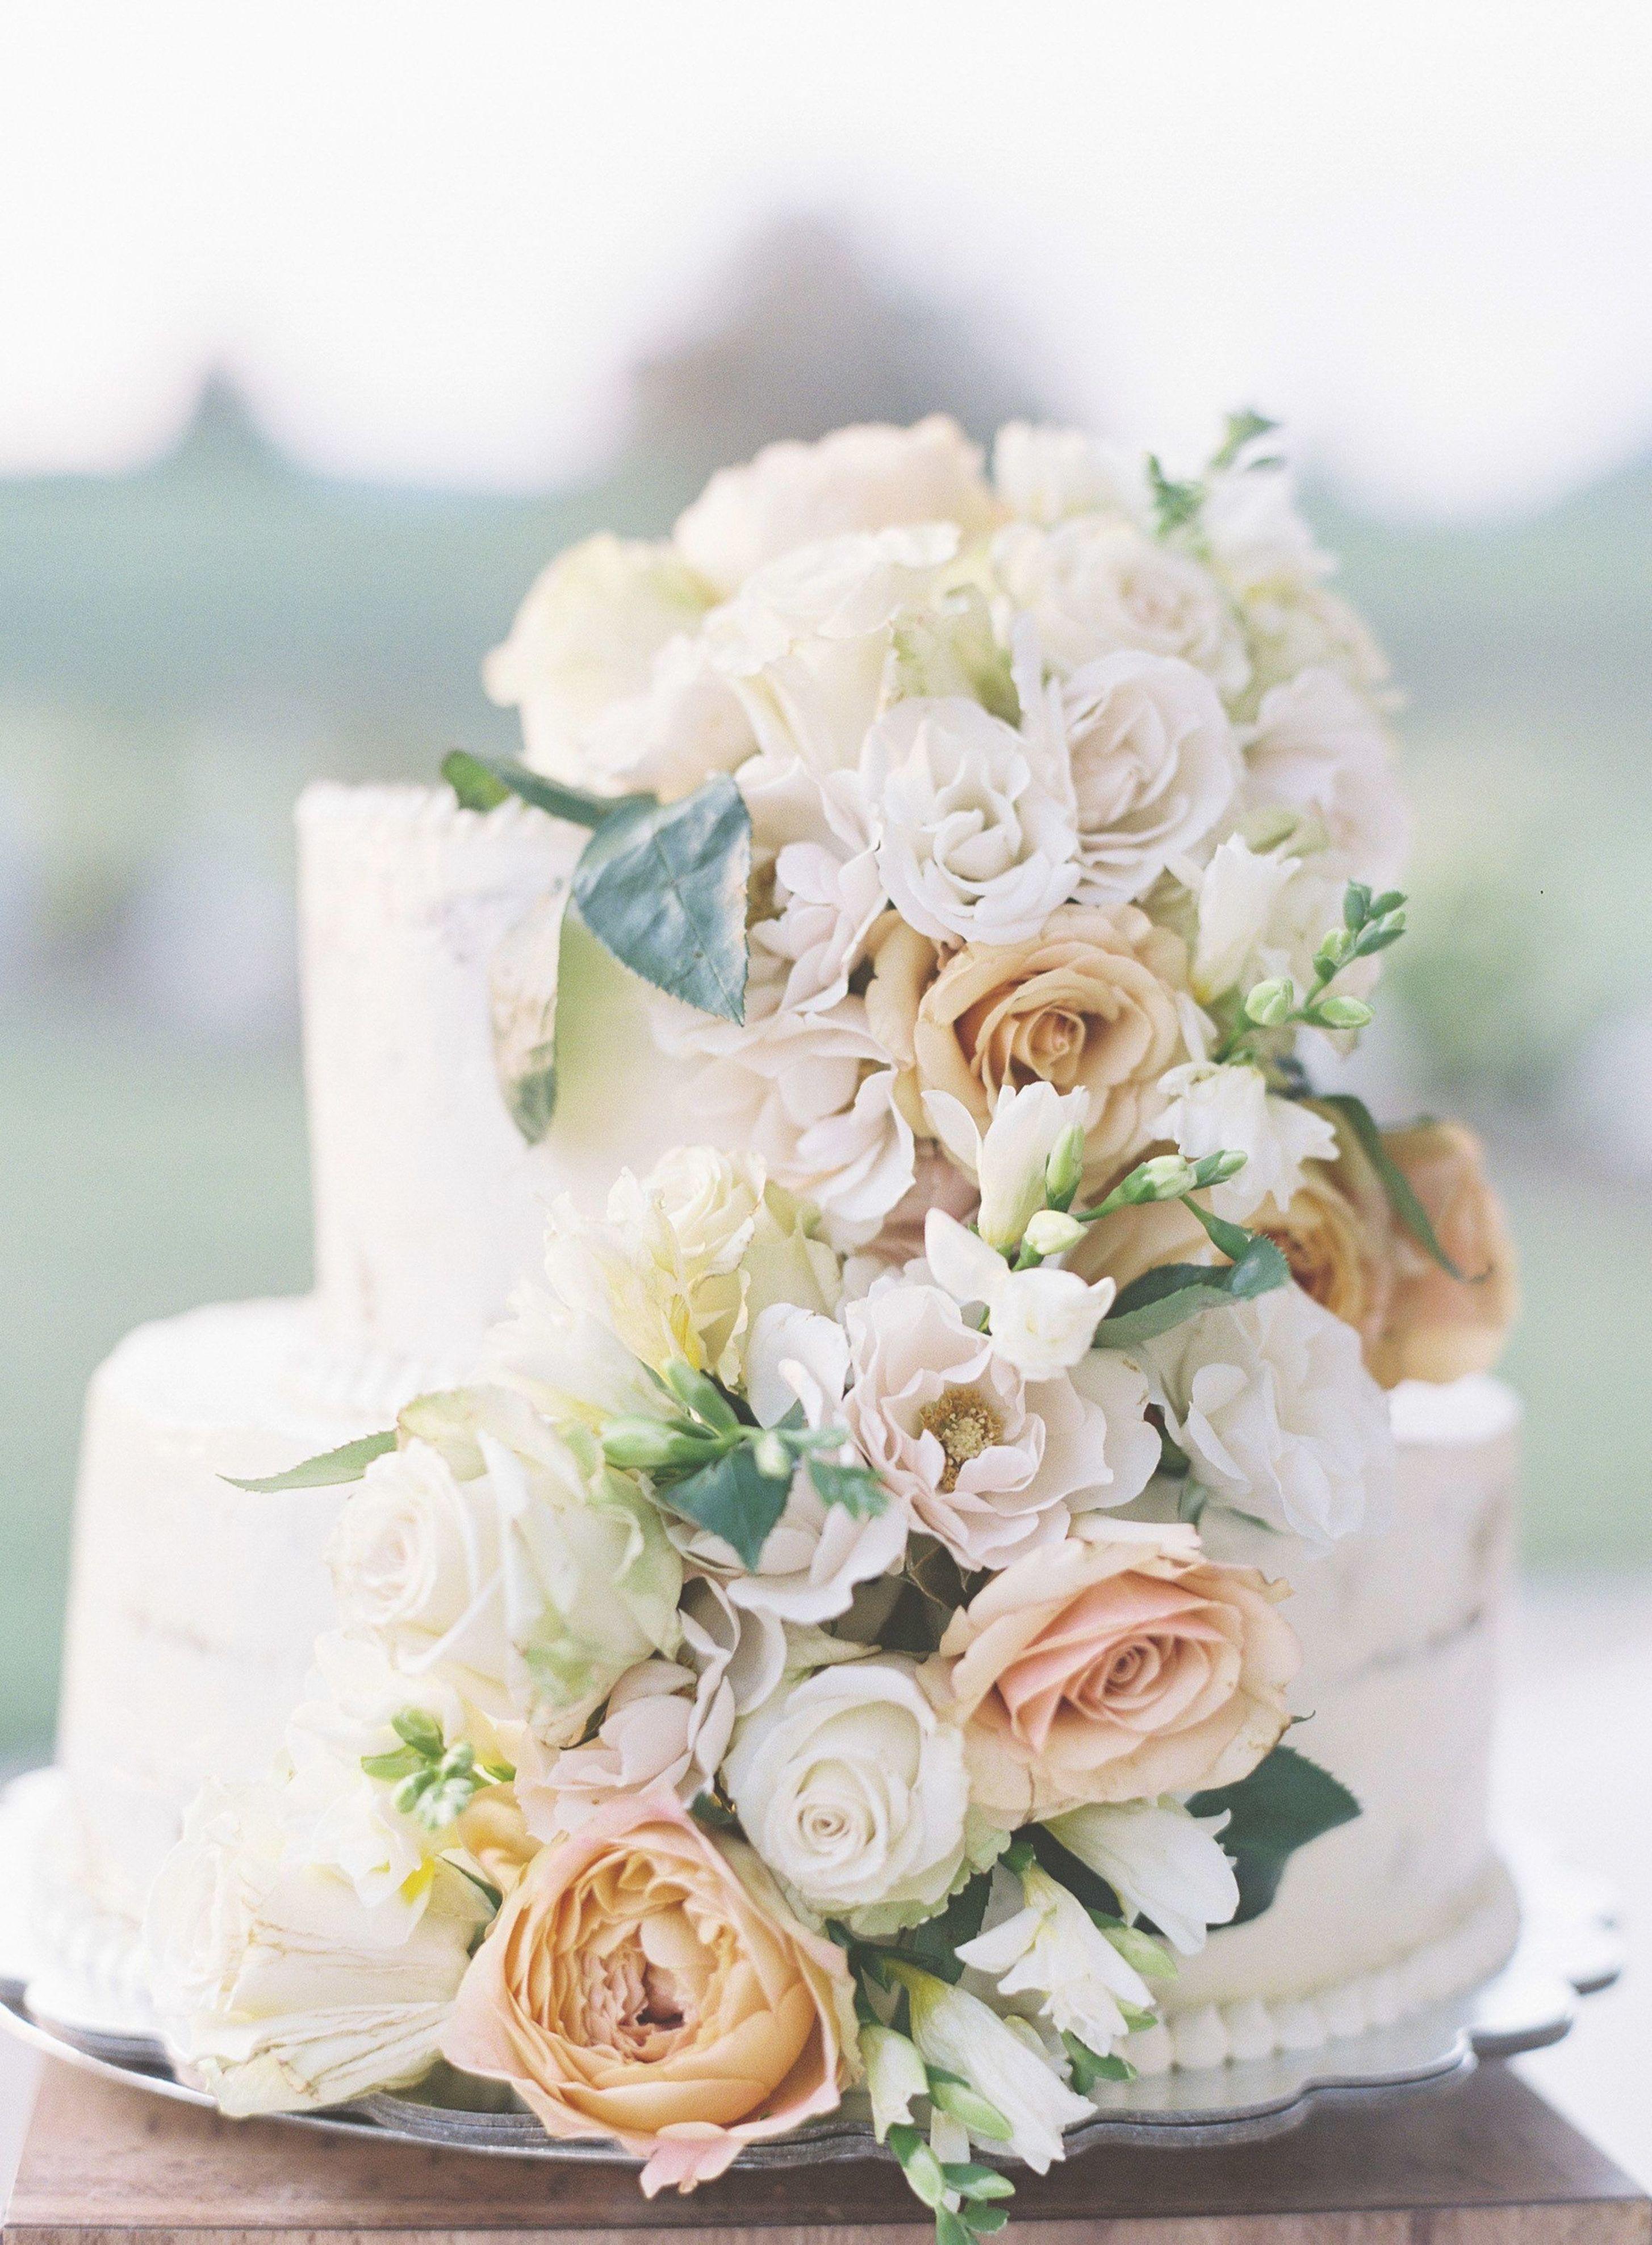 Gensen Wedding 元プランナーが厳選 提案型の結婚式相談カウンター ウェディング バナー ウェディング チラシ ウェディング サイト